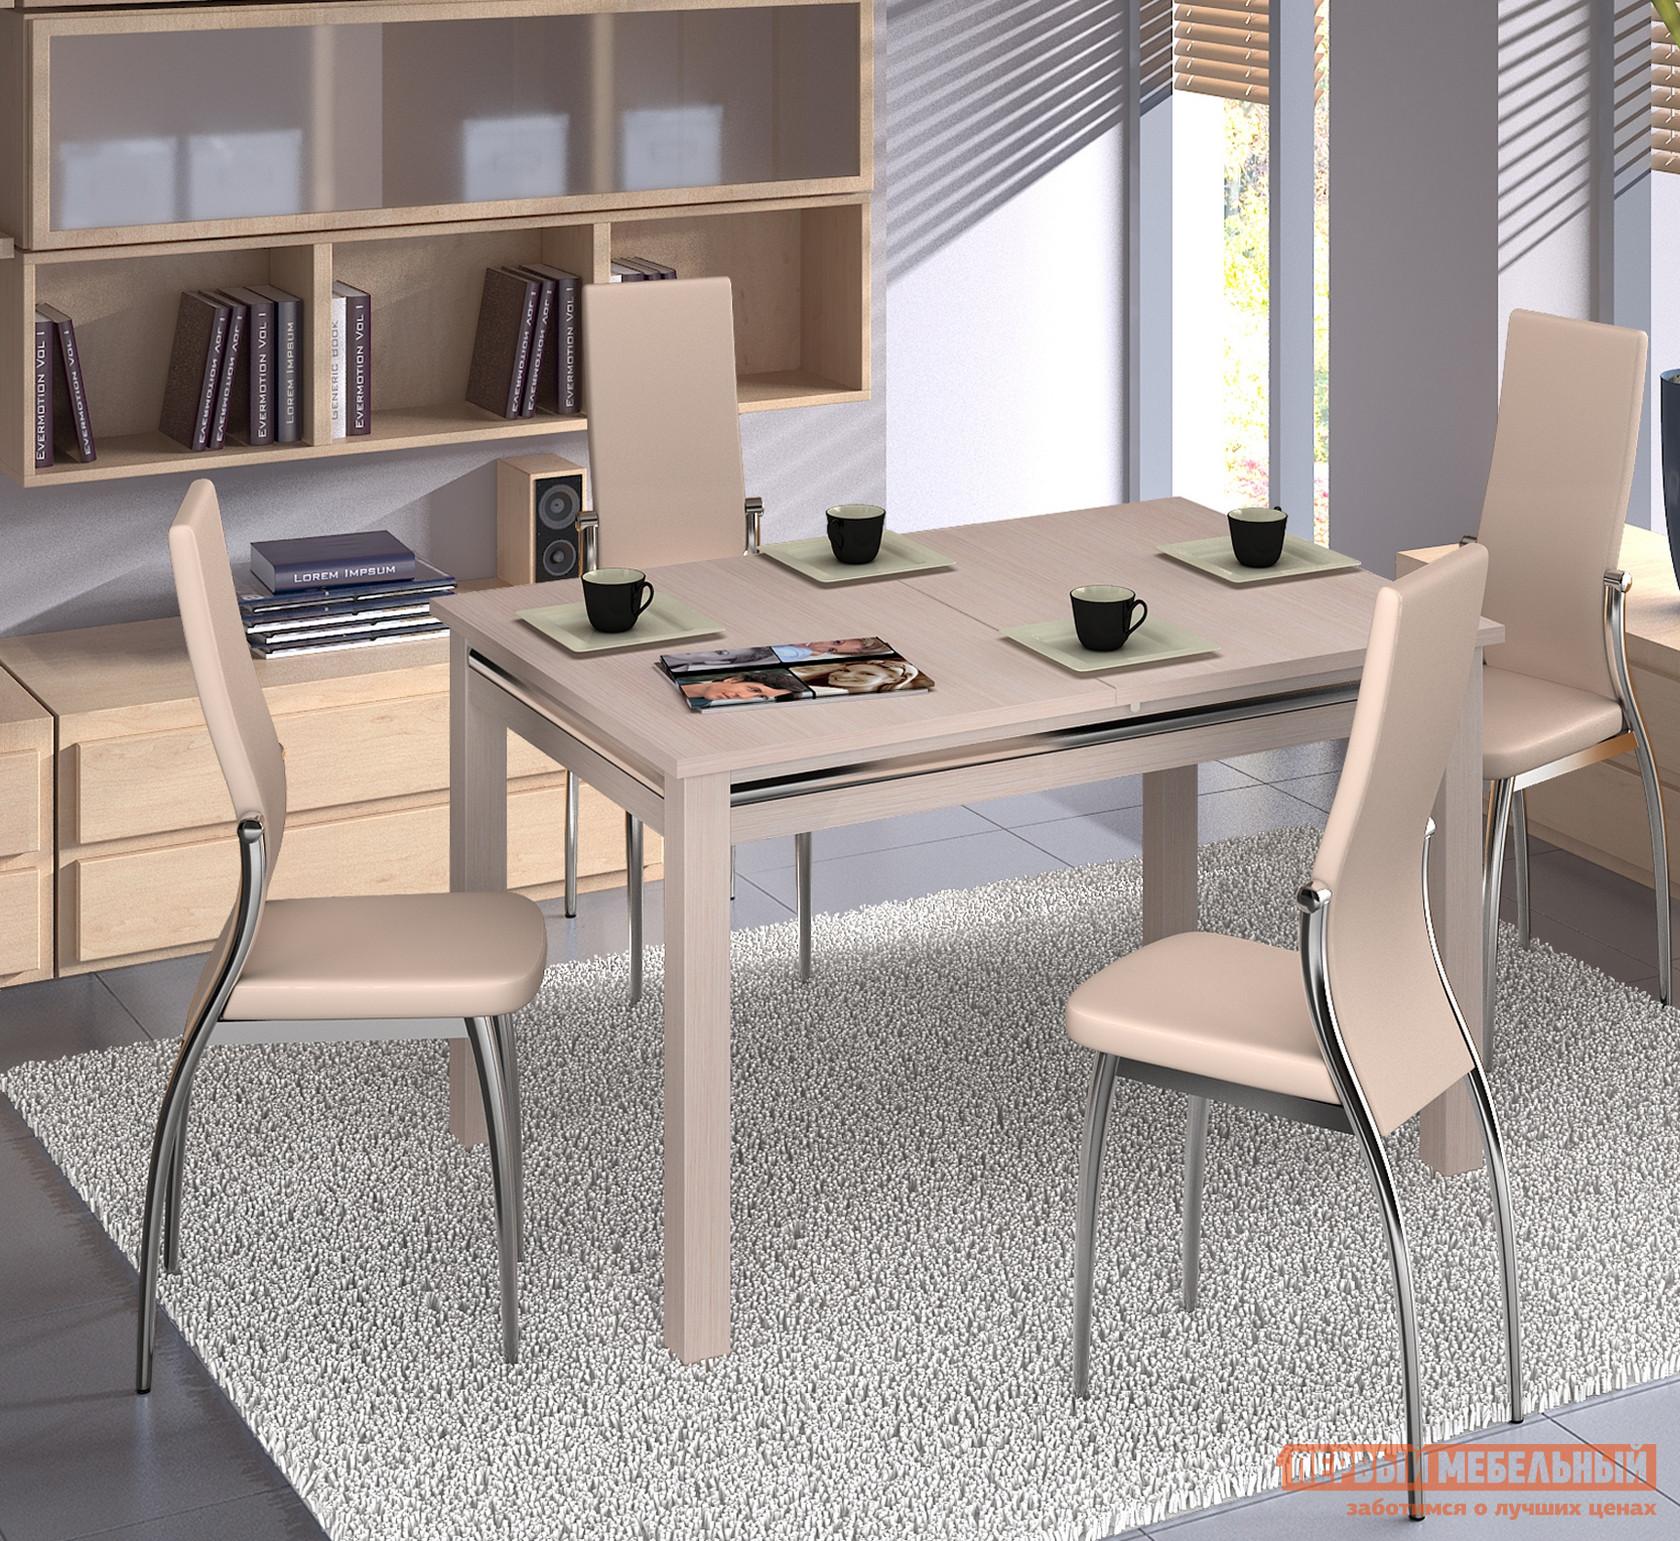 Обеденная группа для столовой и гостиной Домотека Стол Сигма-1 08 + 4 стула Милано